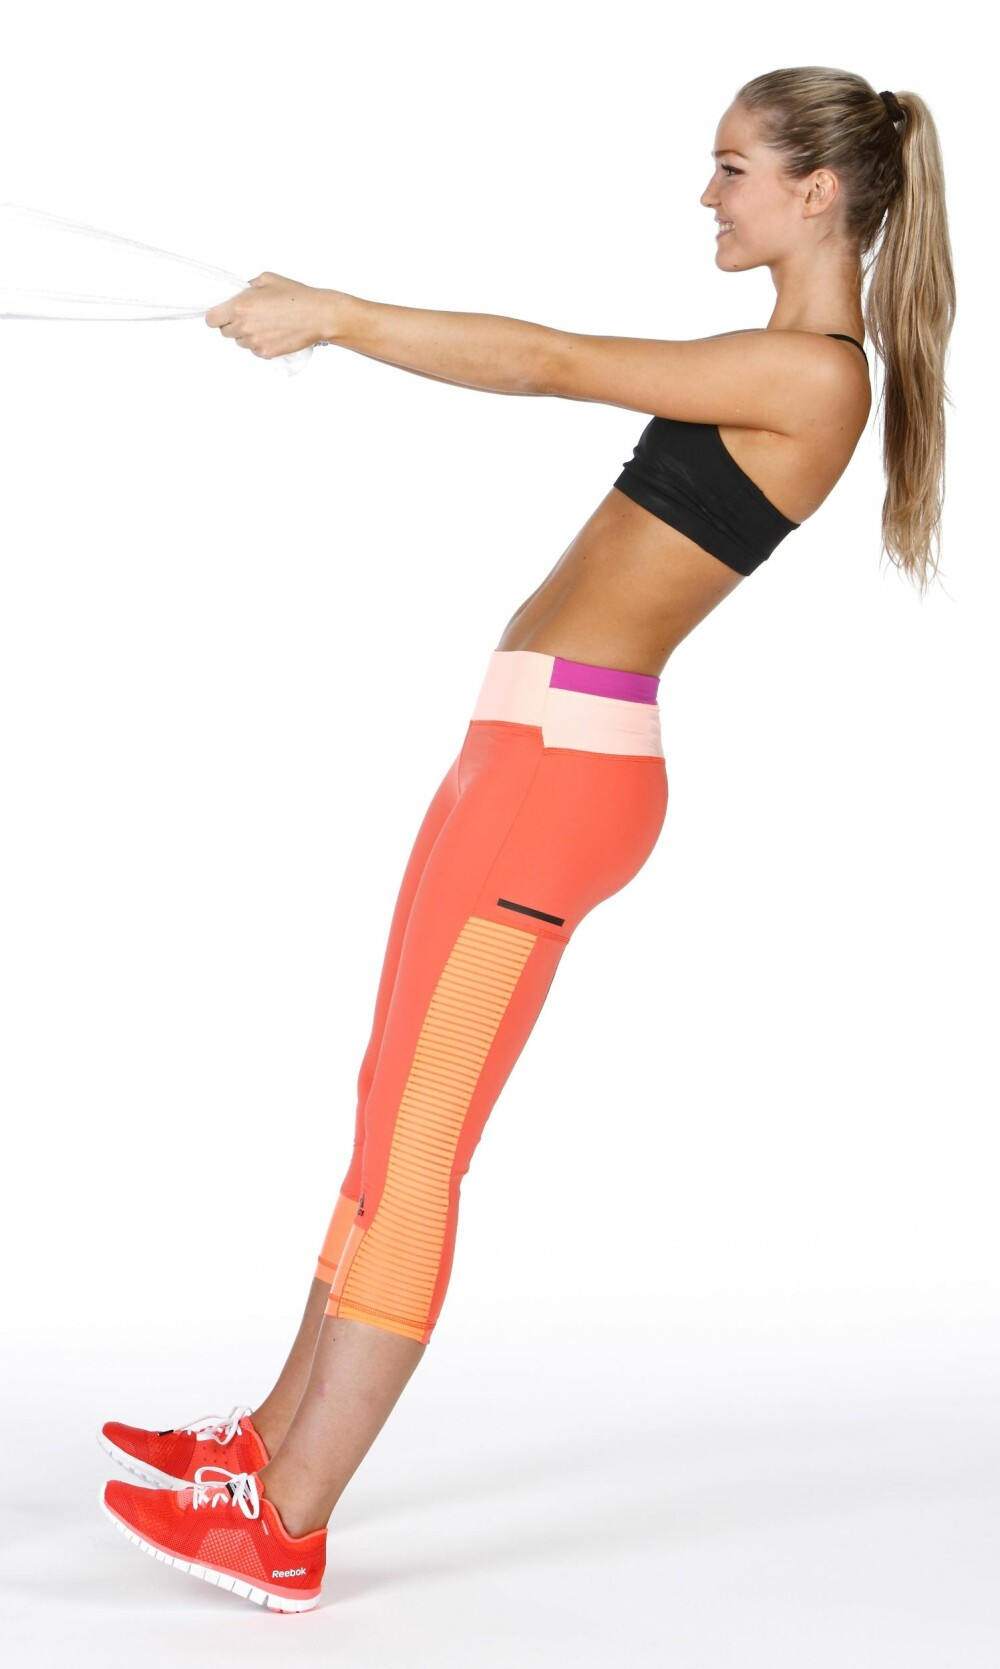 STÅENDE ROING: Fest et håndkle rundt noe i brysthøyde, og len deg bakover med tyngden på hælene.